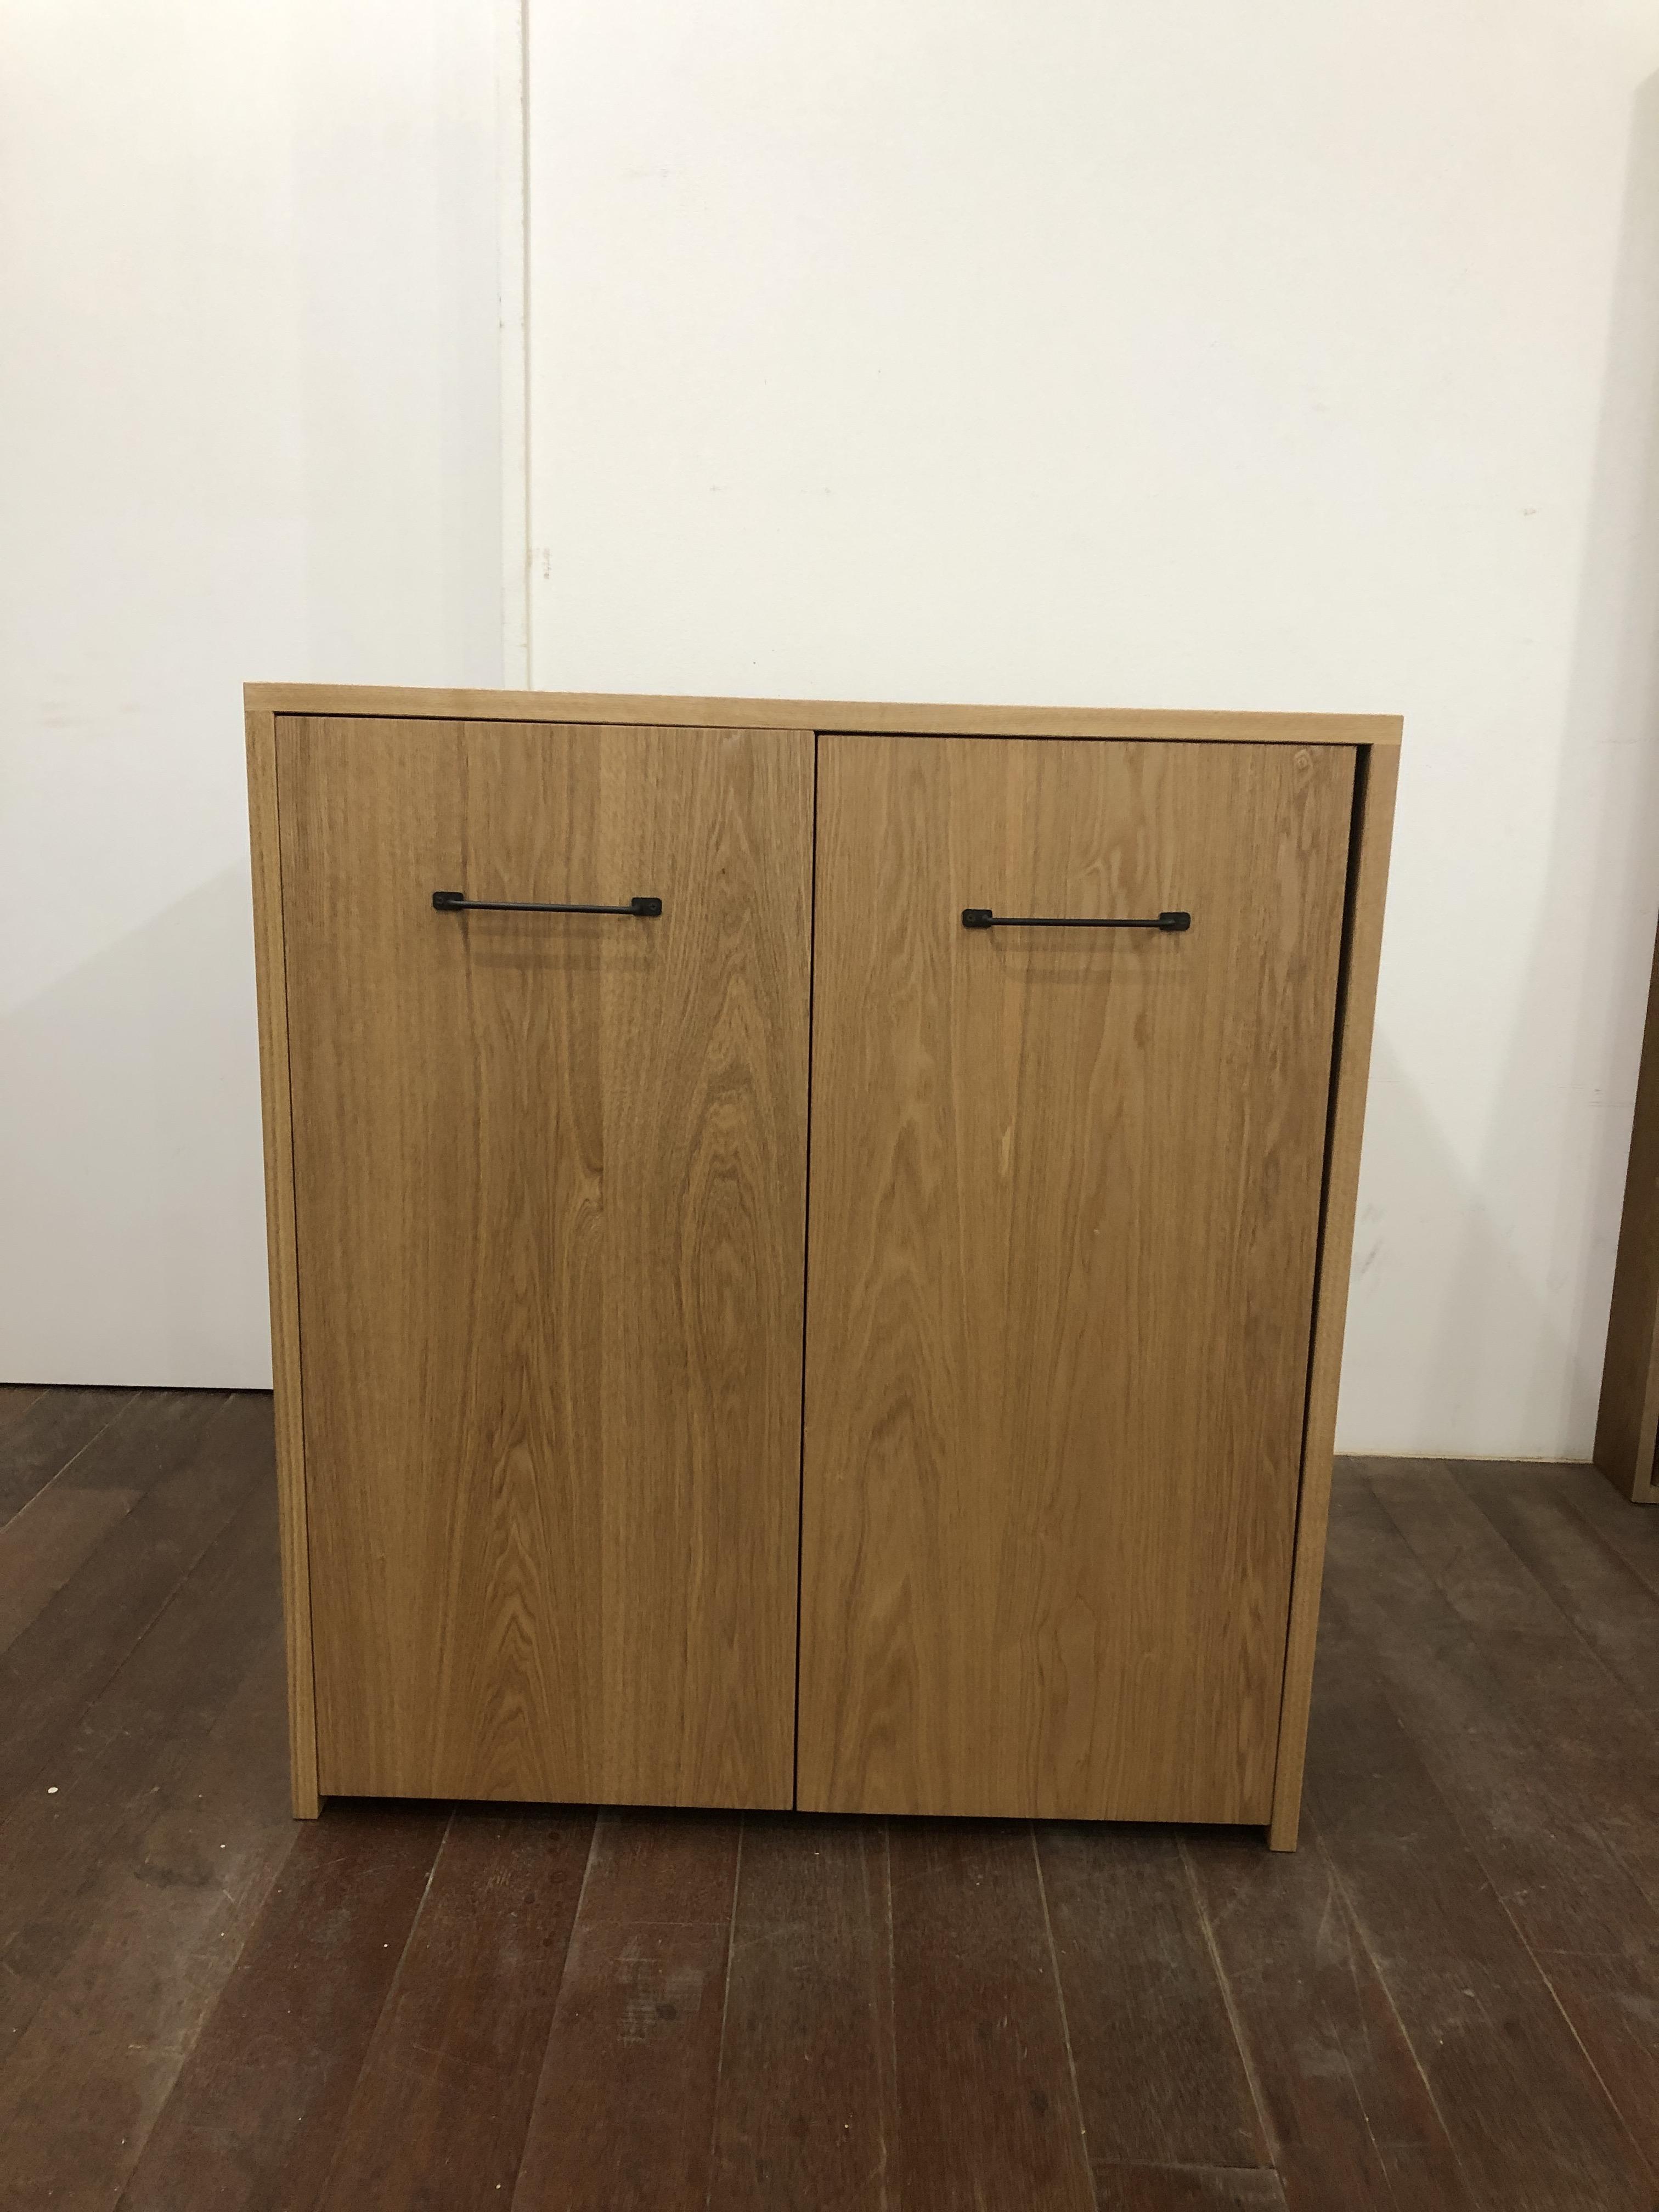 キッチンカウンター(ワゴン収納)